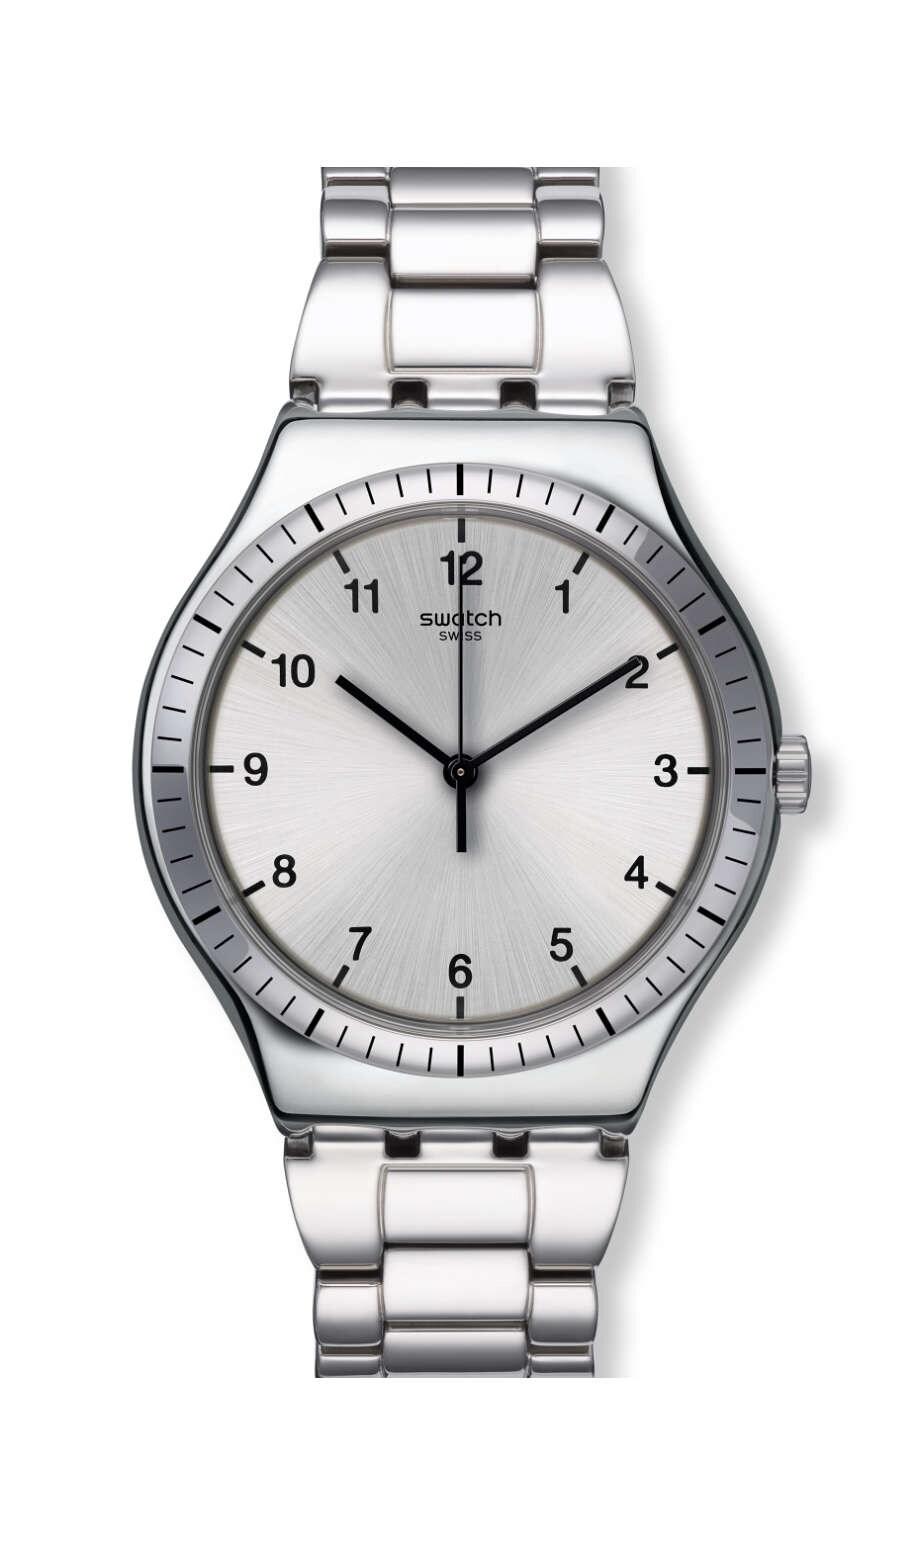 Swatch - ZIO ARGENTO - 1